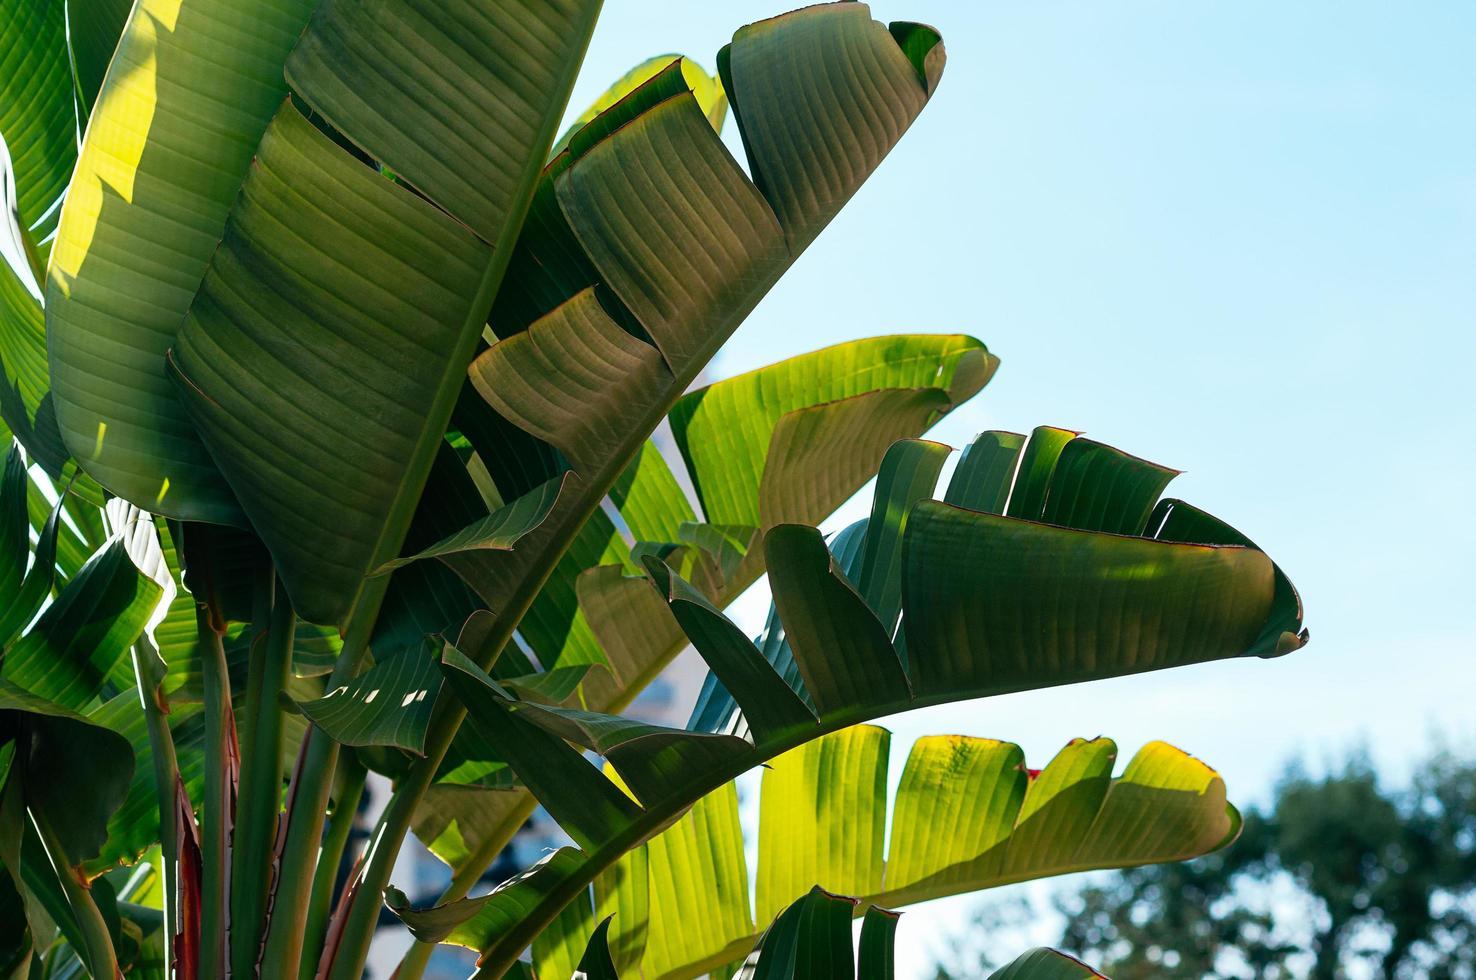 tropische Pflanzen gegen blauen Himmel foto